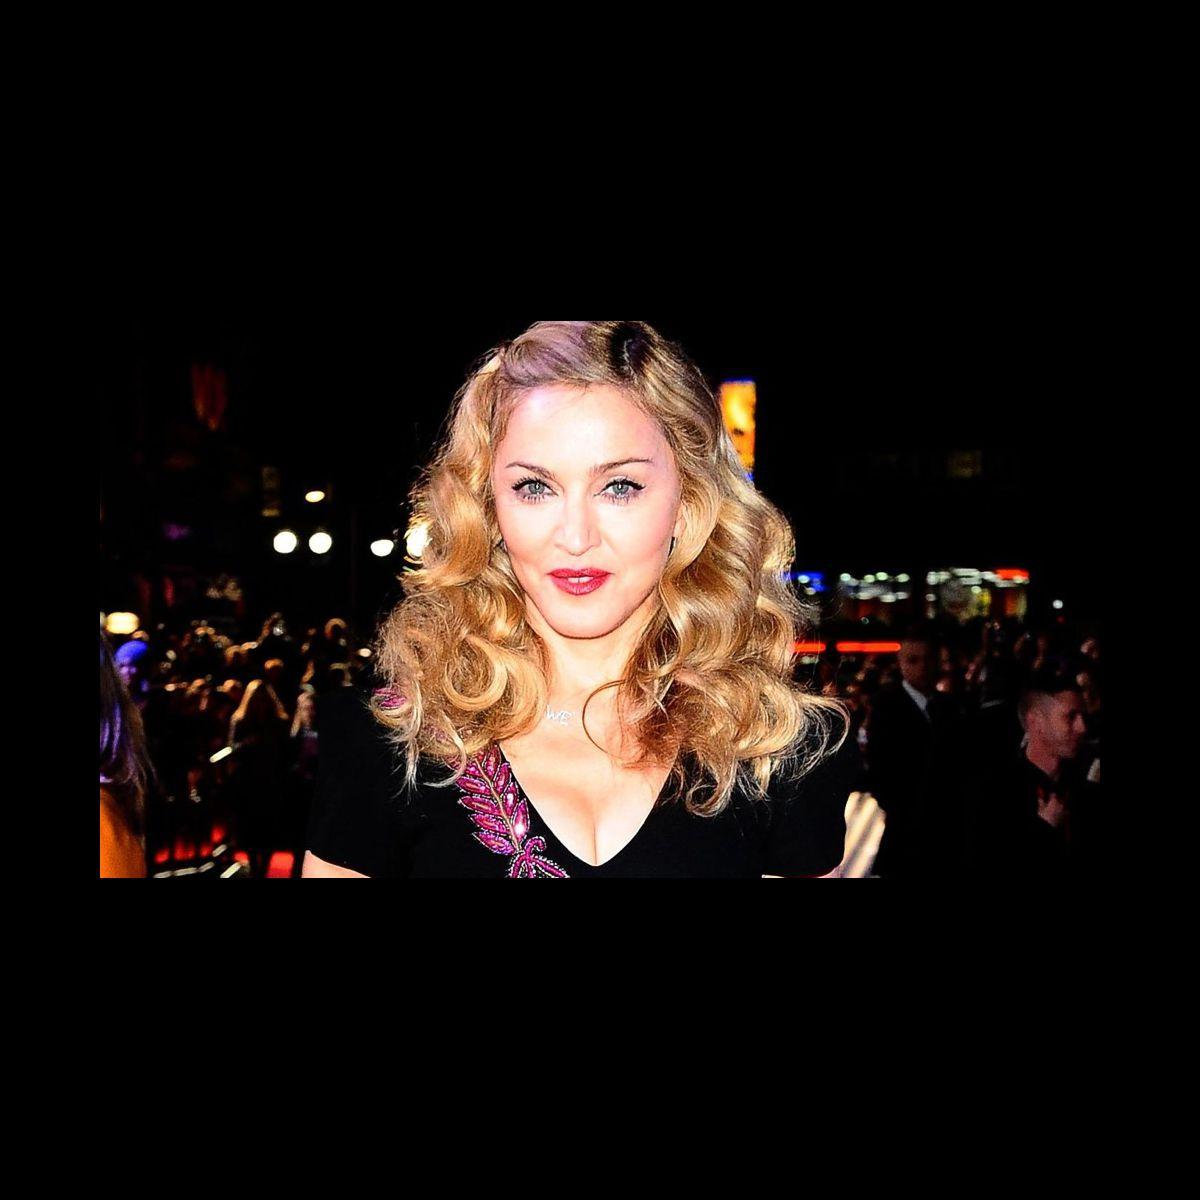 Madonna chantera pendant la mi temps du super bowl 2012 - Quitte moi pendant la coupe du monde ...